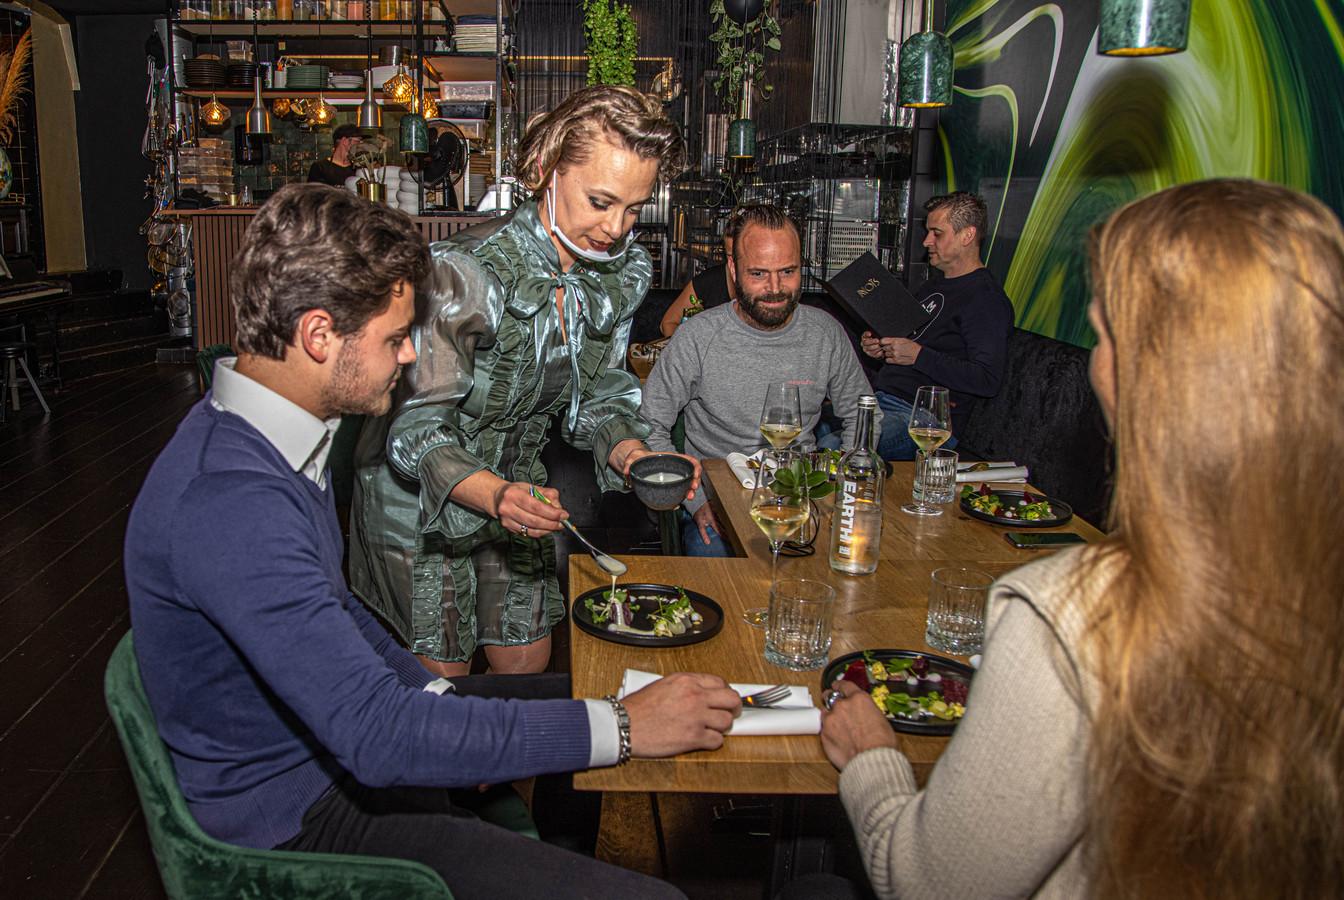 Gastvrouw Laura dresseert het voorgerecht met biet bij restaurant Noïs in Zwolle.